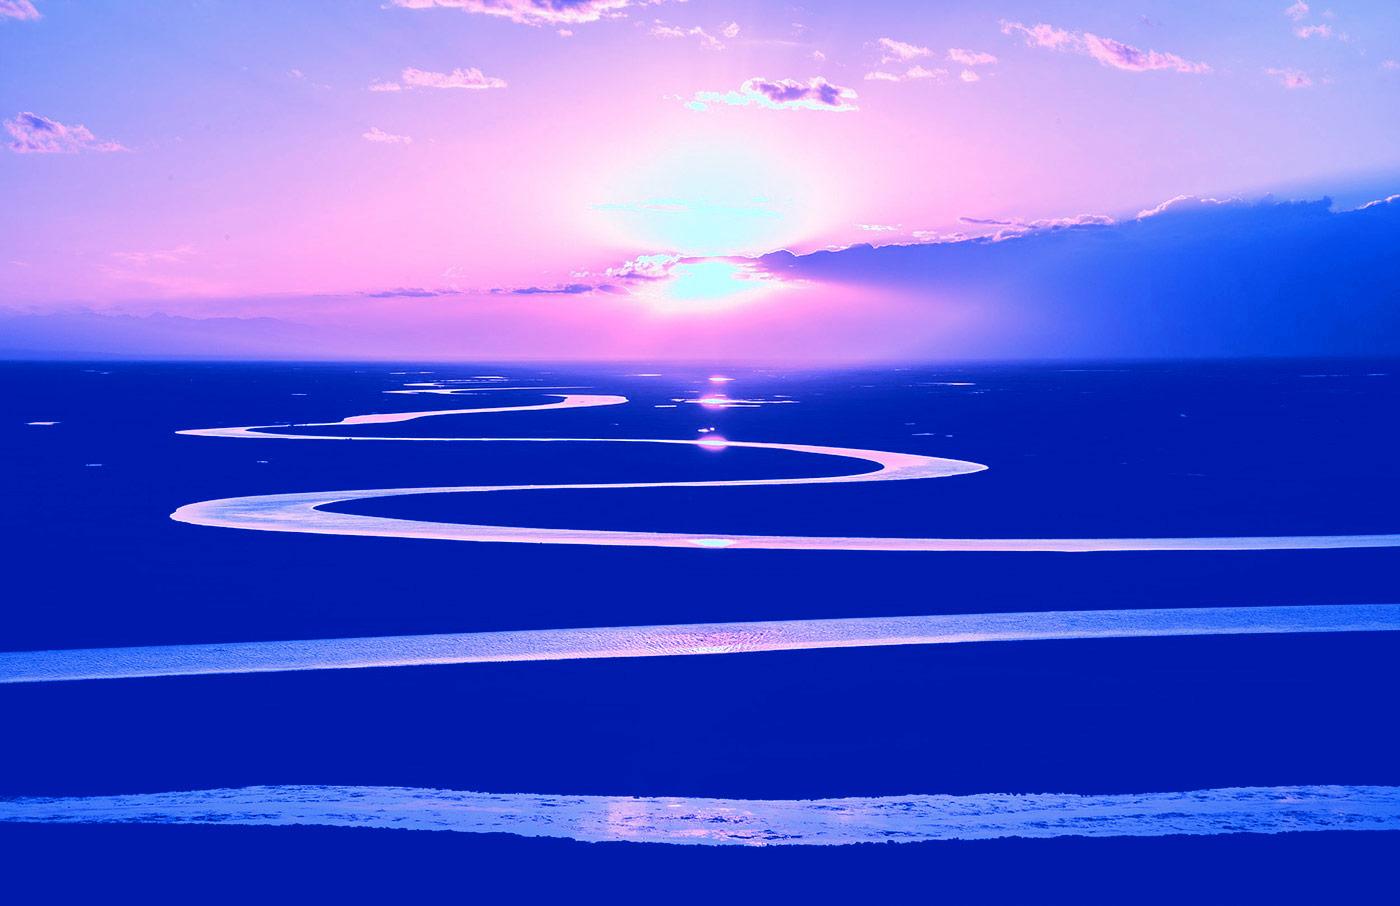 Atardecer de un río CMBMediala es una consultoría de servicios de gestión y resolución de conflictos